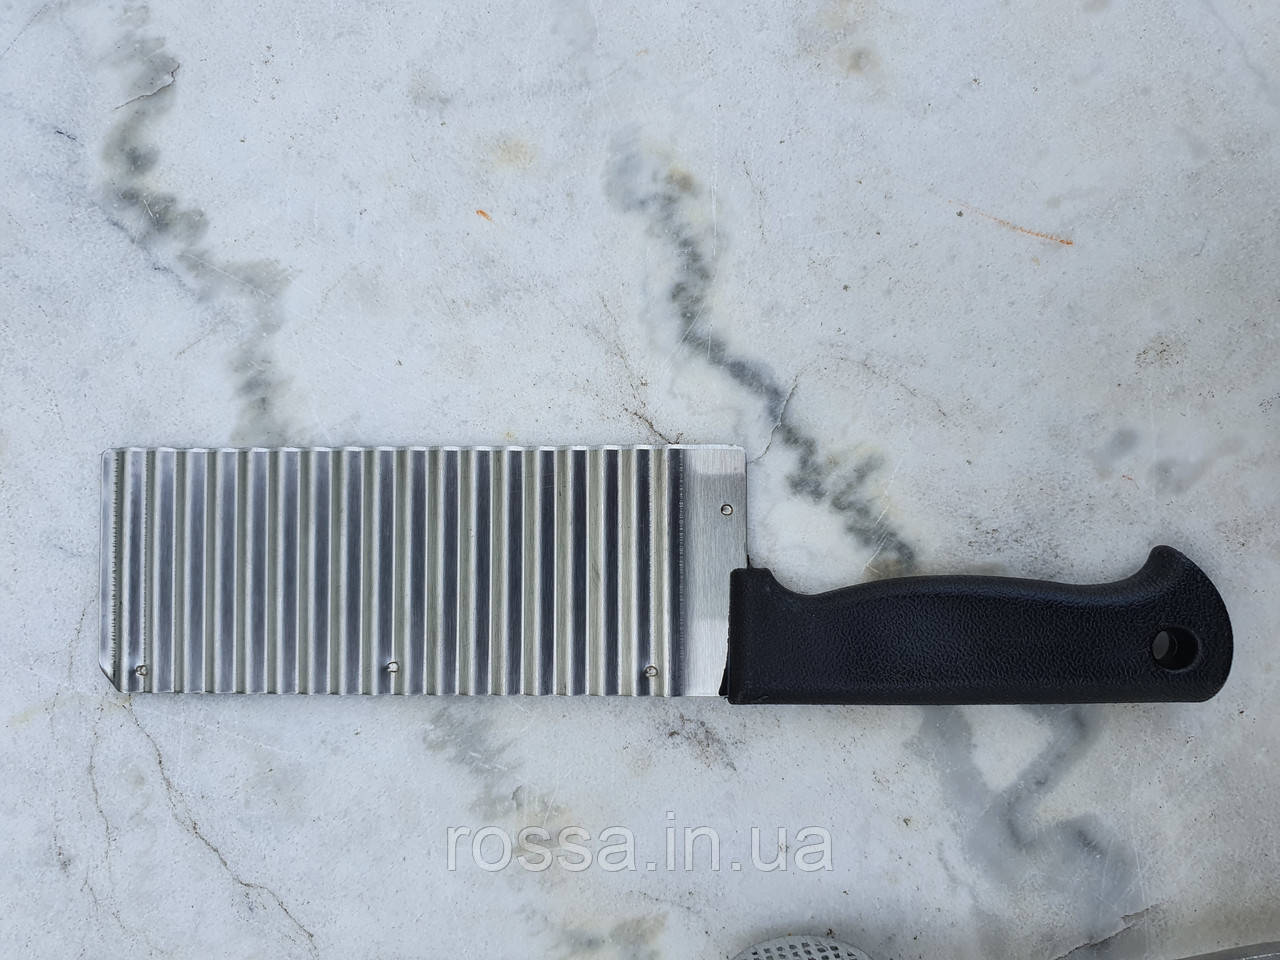 Нож - волна с ручкой